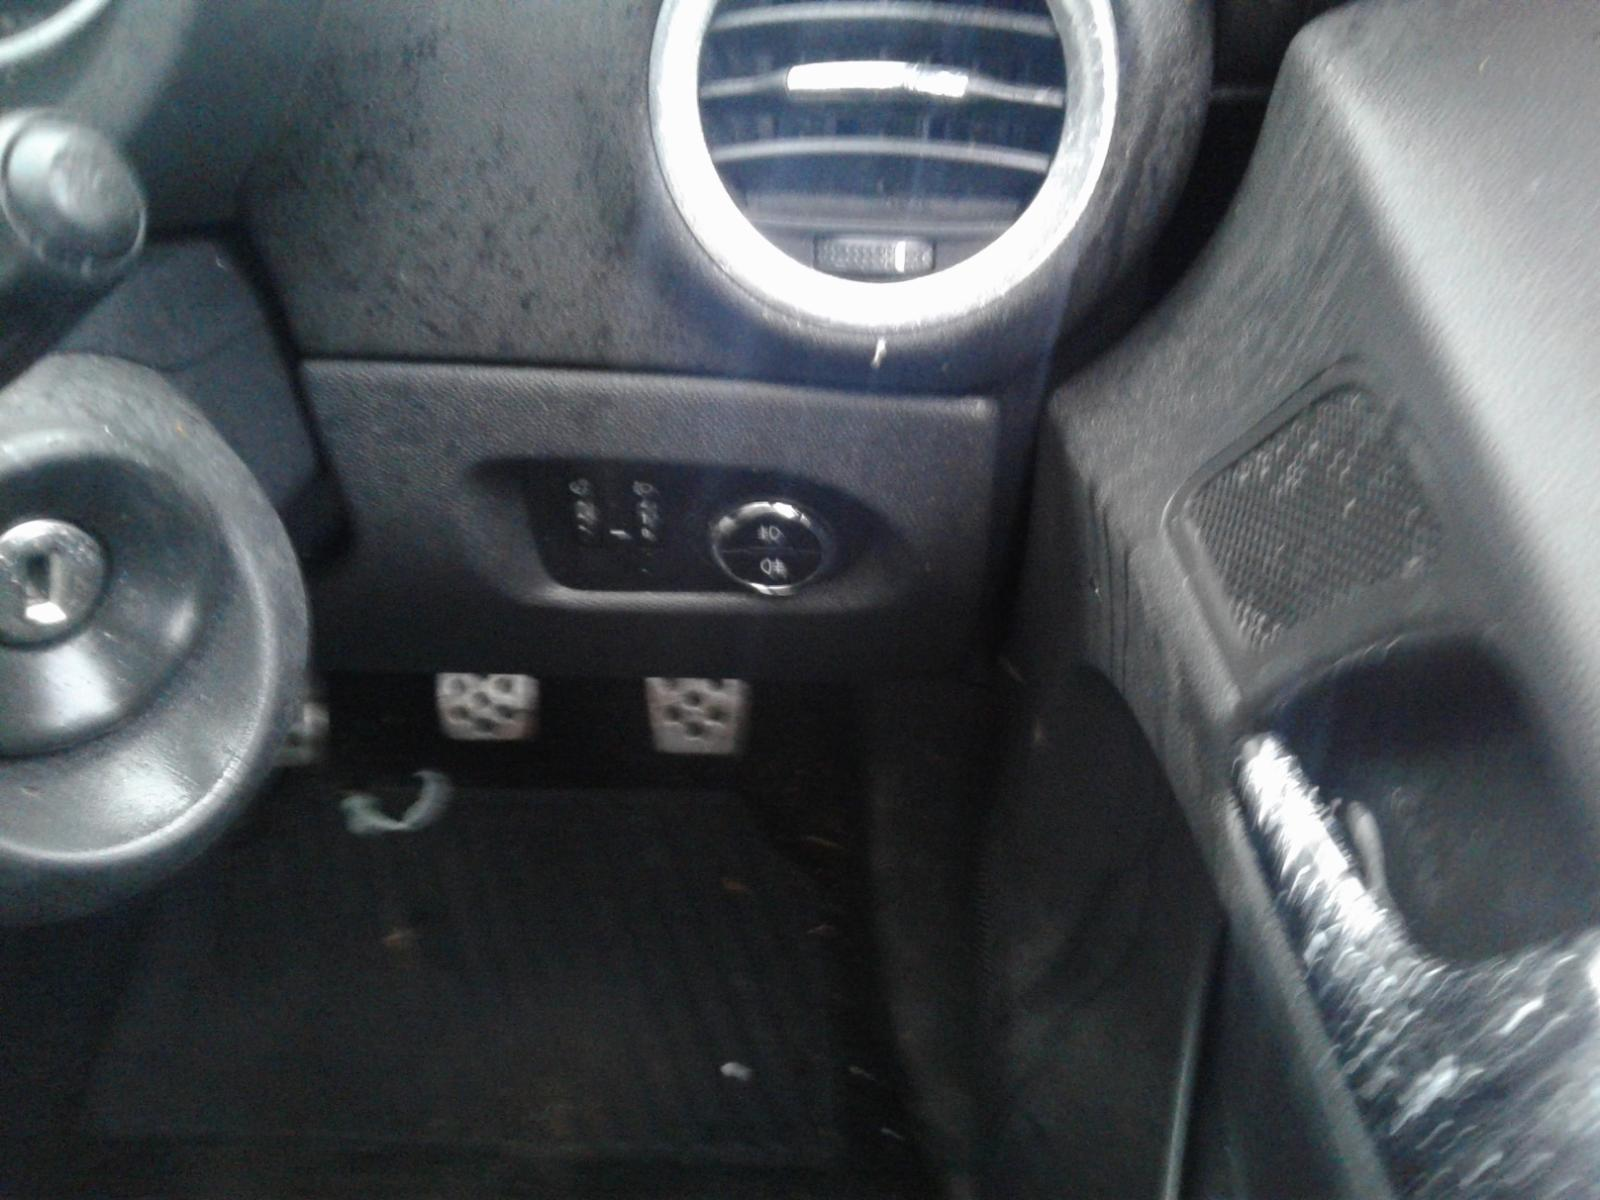 View Auto part VAUXHALL CORSA 2013 3 Door Hatchback